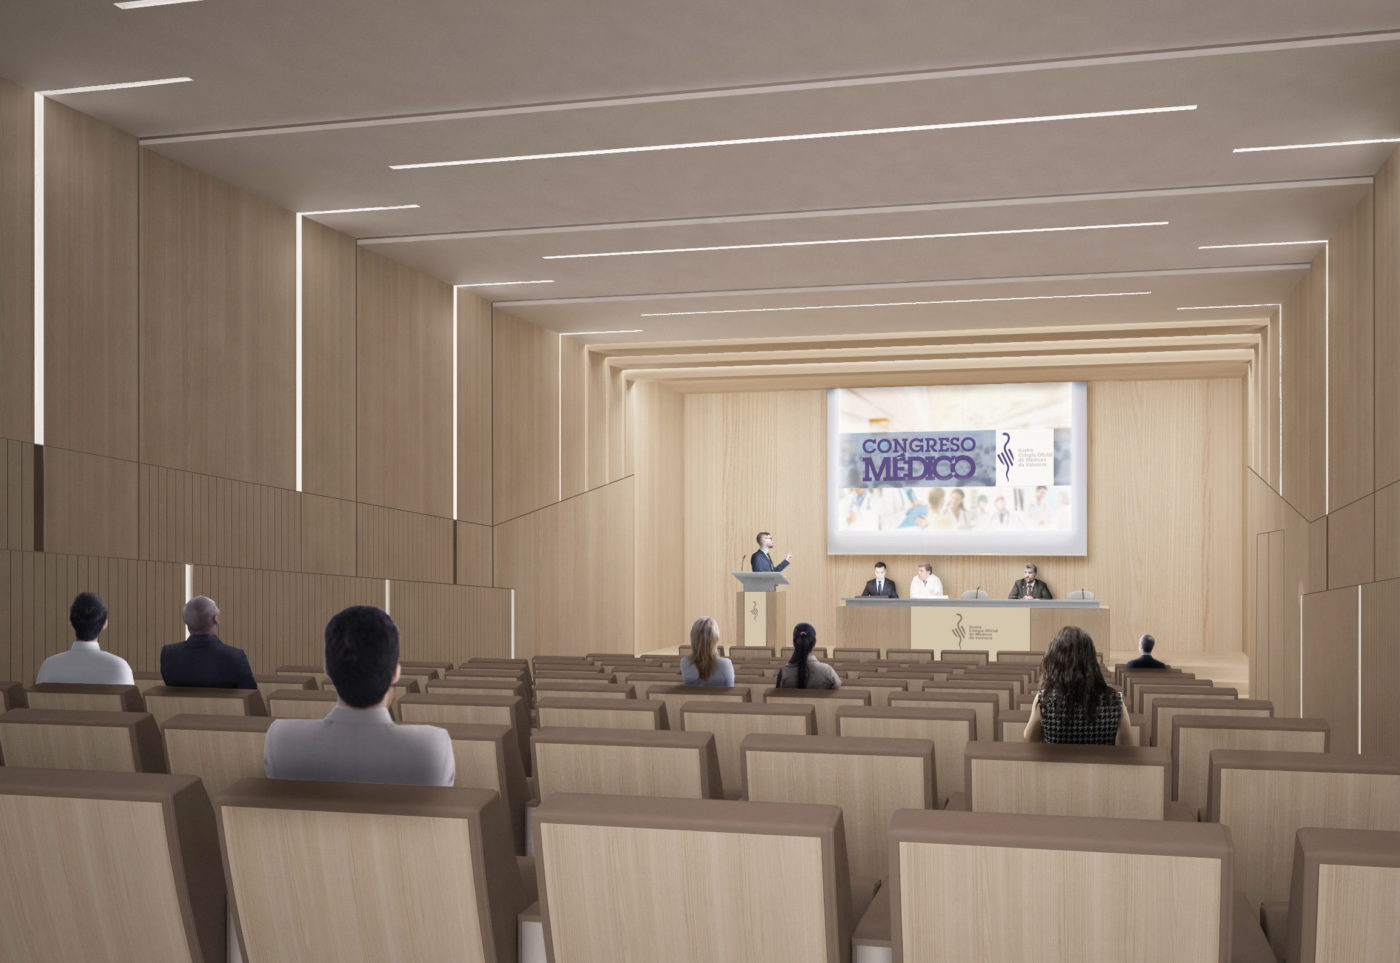 01. salon actos ilustre colegio medicos icomv icom valencia mas millet arquitectura interiorismo acceso conferencias